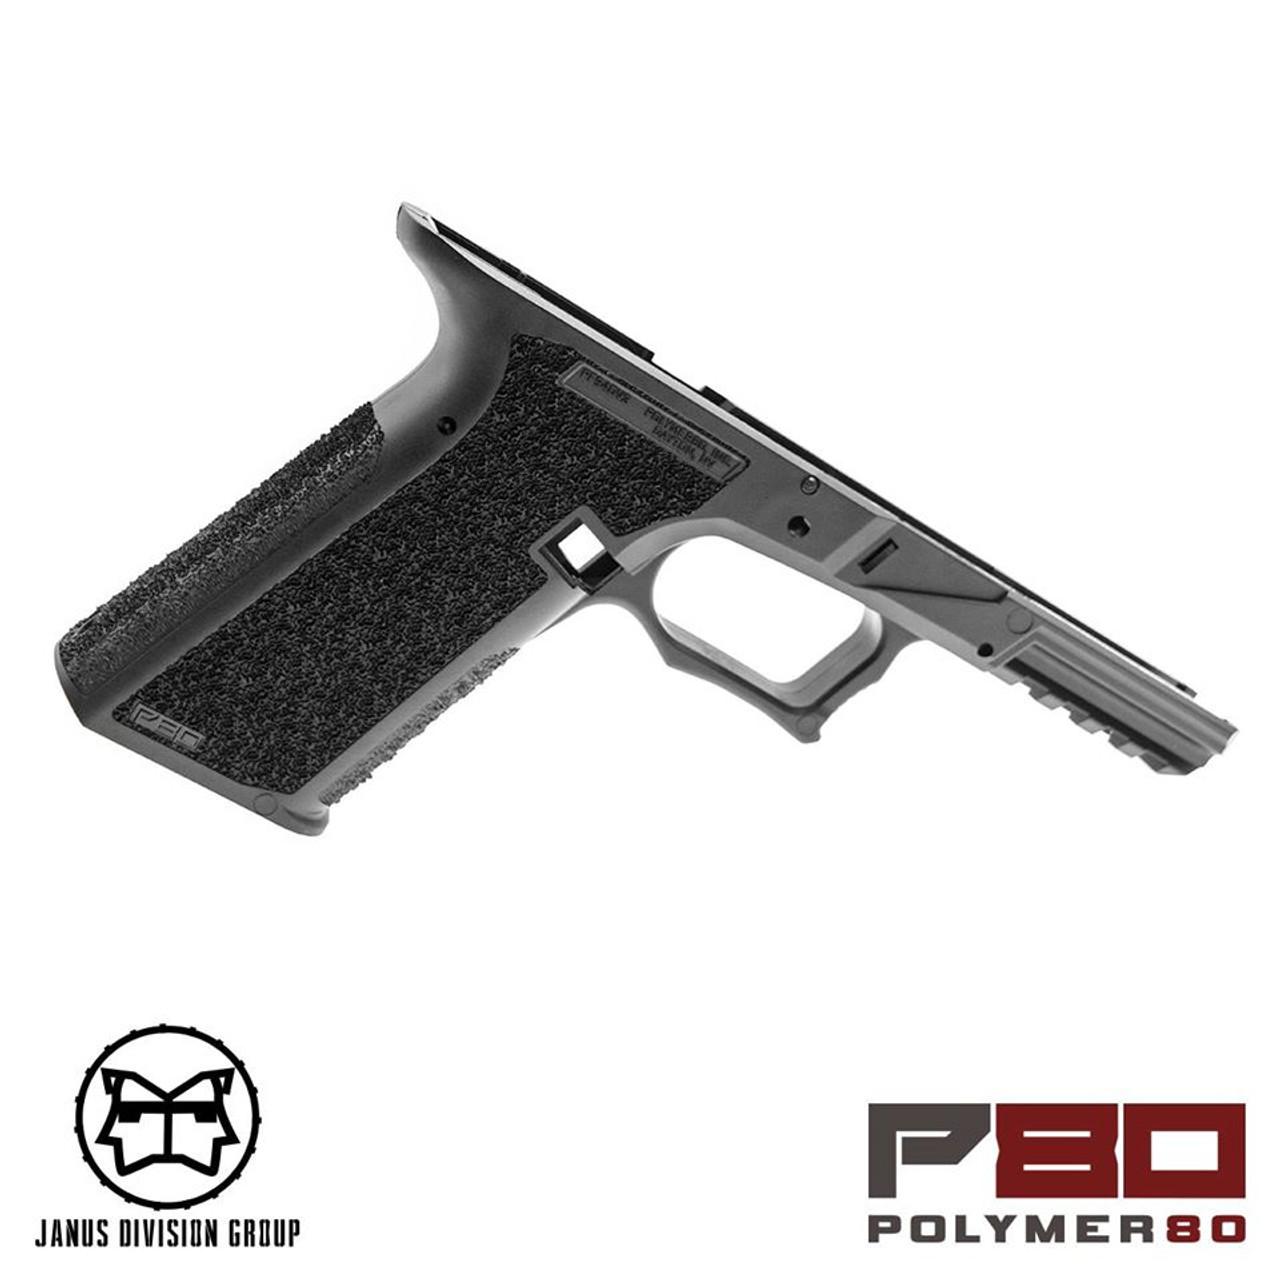 JDG P80  Frame for G17/18/22/34  Gen3 ( Umarex / Marui / WE ) - Black